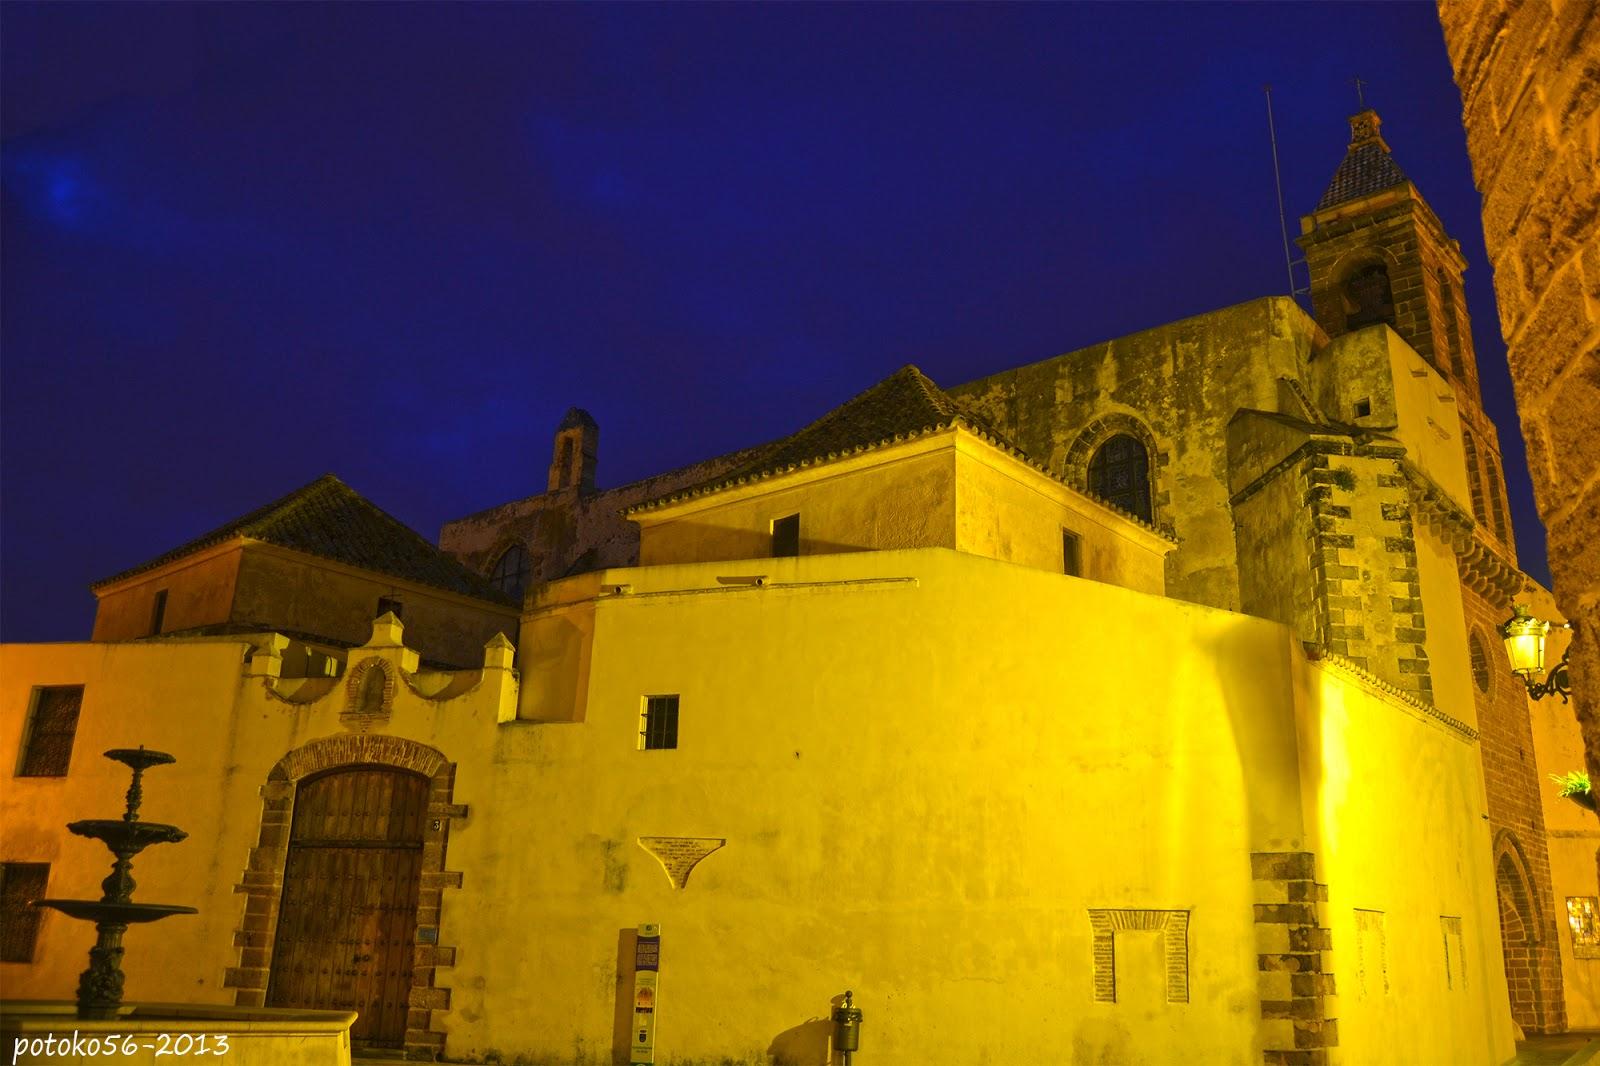 Vista nocturna de la Parroquia de Ntra. Sra. de la O Rota